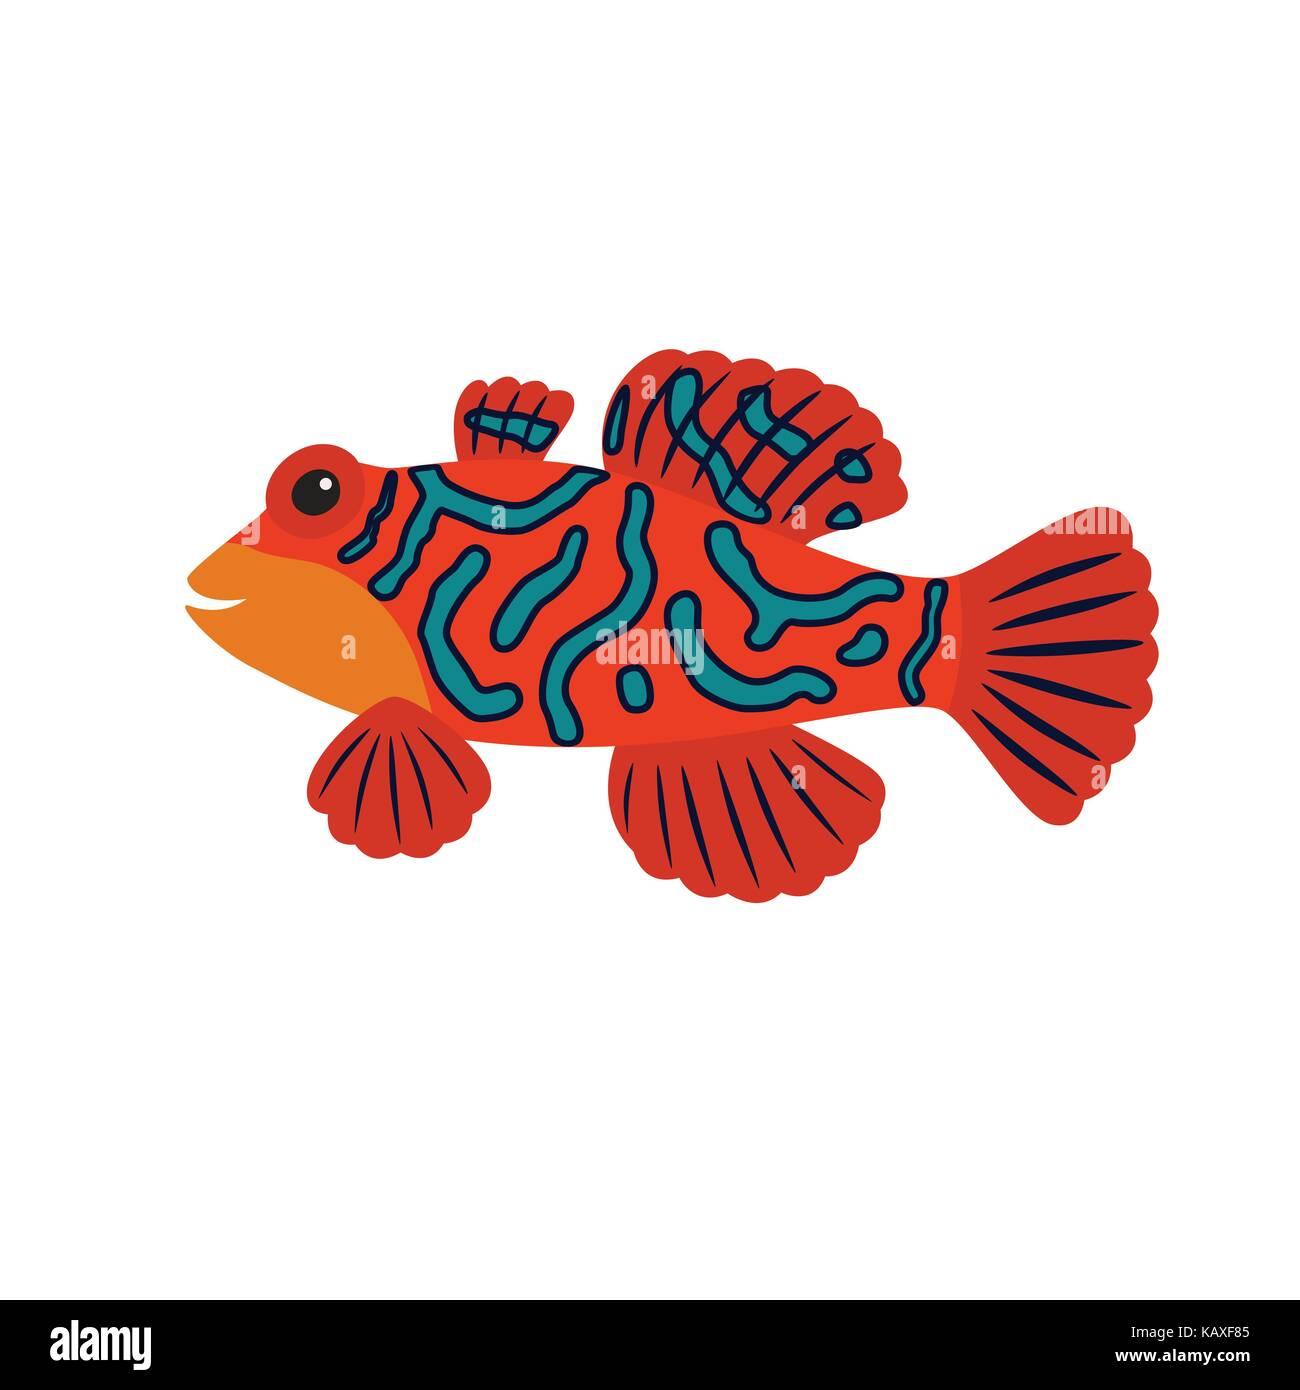 Cartoon mandarin fish Stock Vector Art & Illustration, Vector Image ...